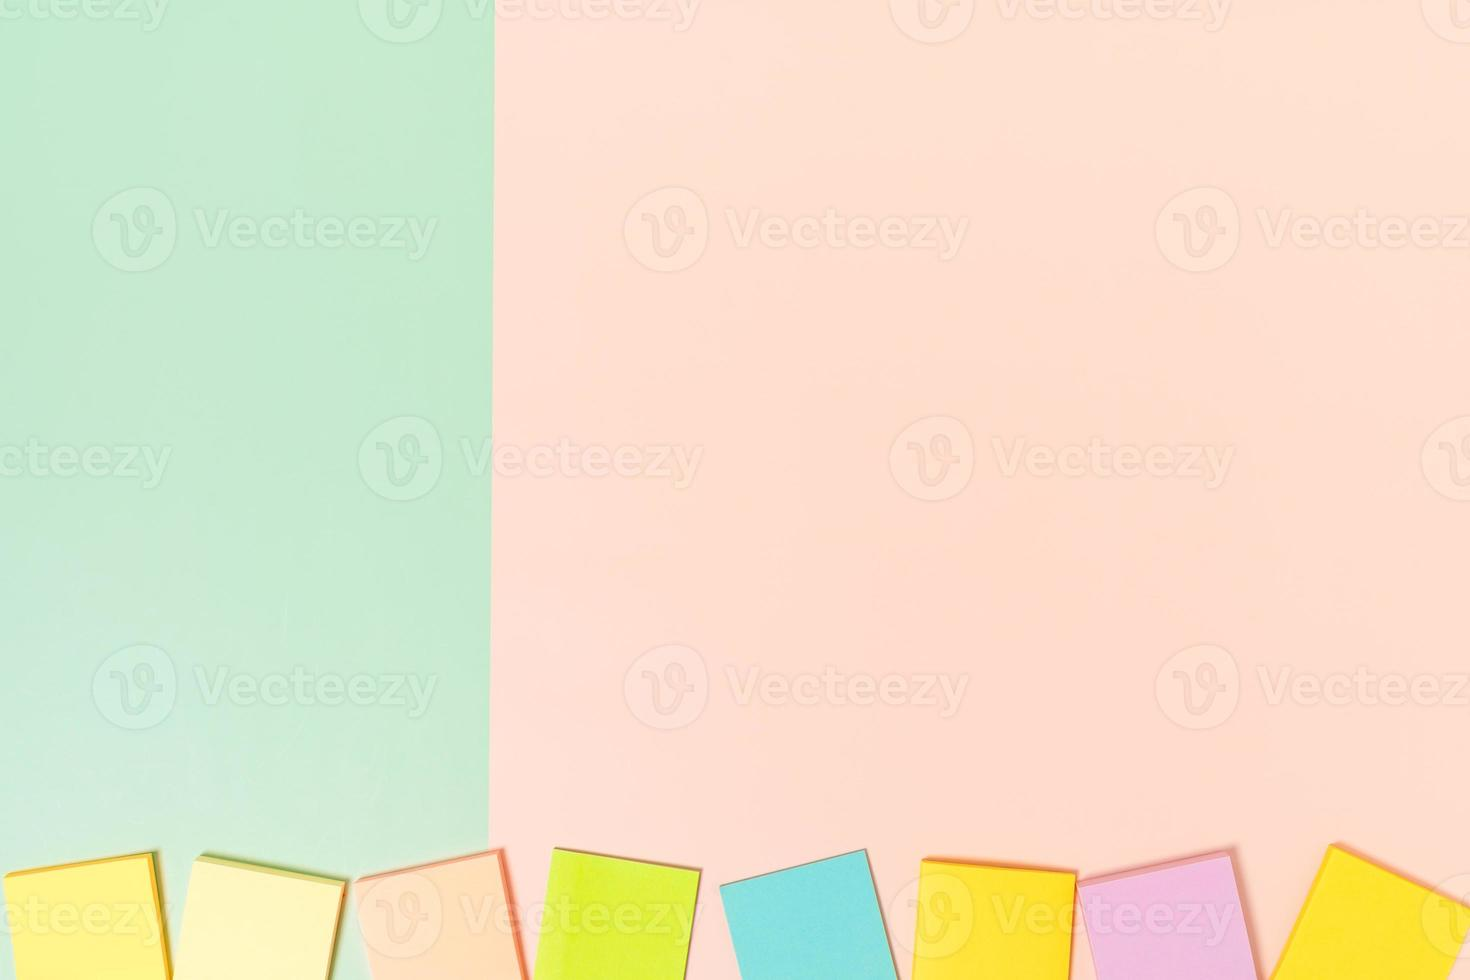 minimale werkruimte - creatieve platliggende foto van werkruimtebureau. bovenaanzicht bureau met zelfklevende notitie op pastel groen roze kleur achtergrond. bovenaanzicht met kopieerruimte, platliggende fotografie.